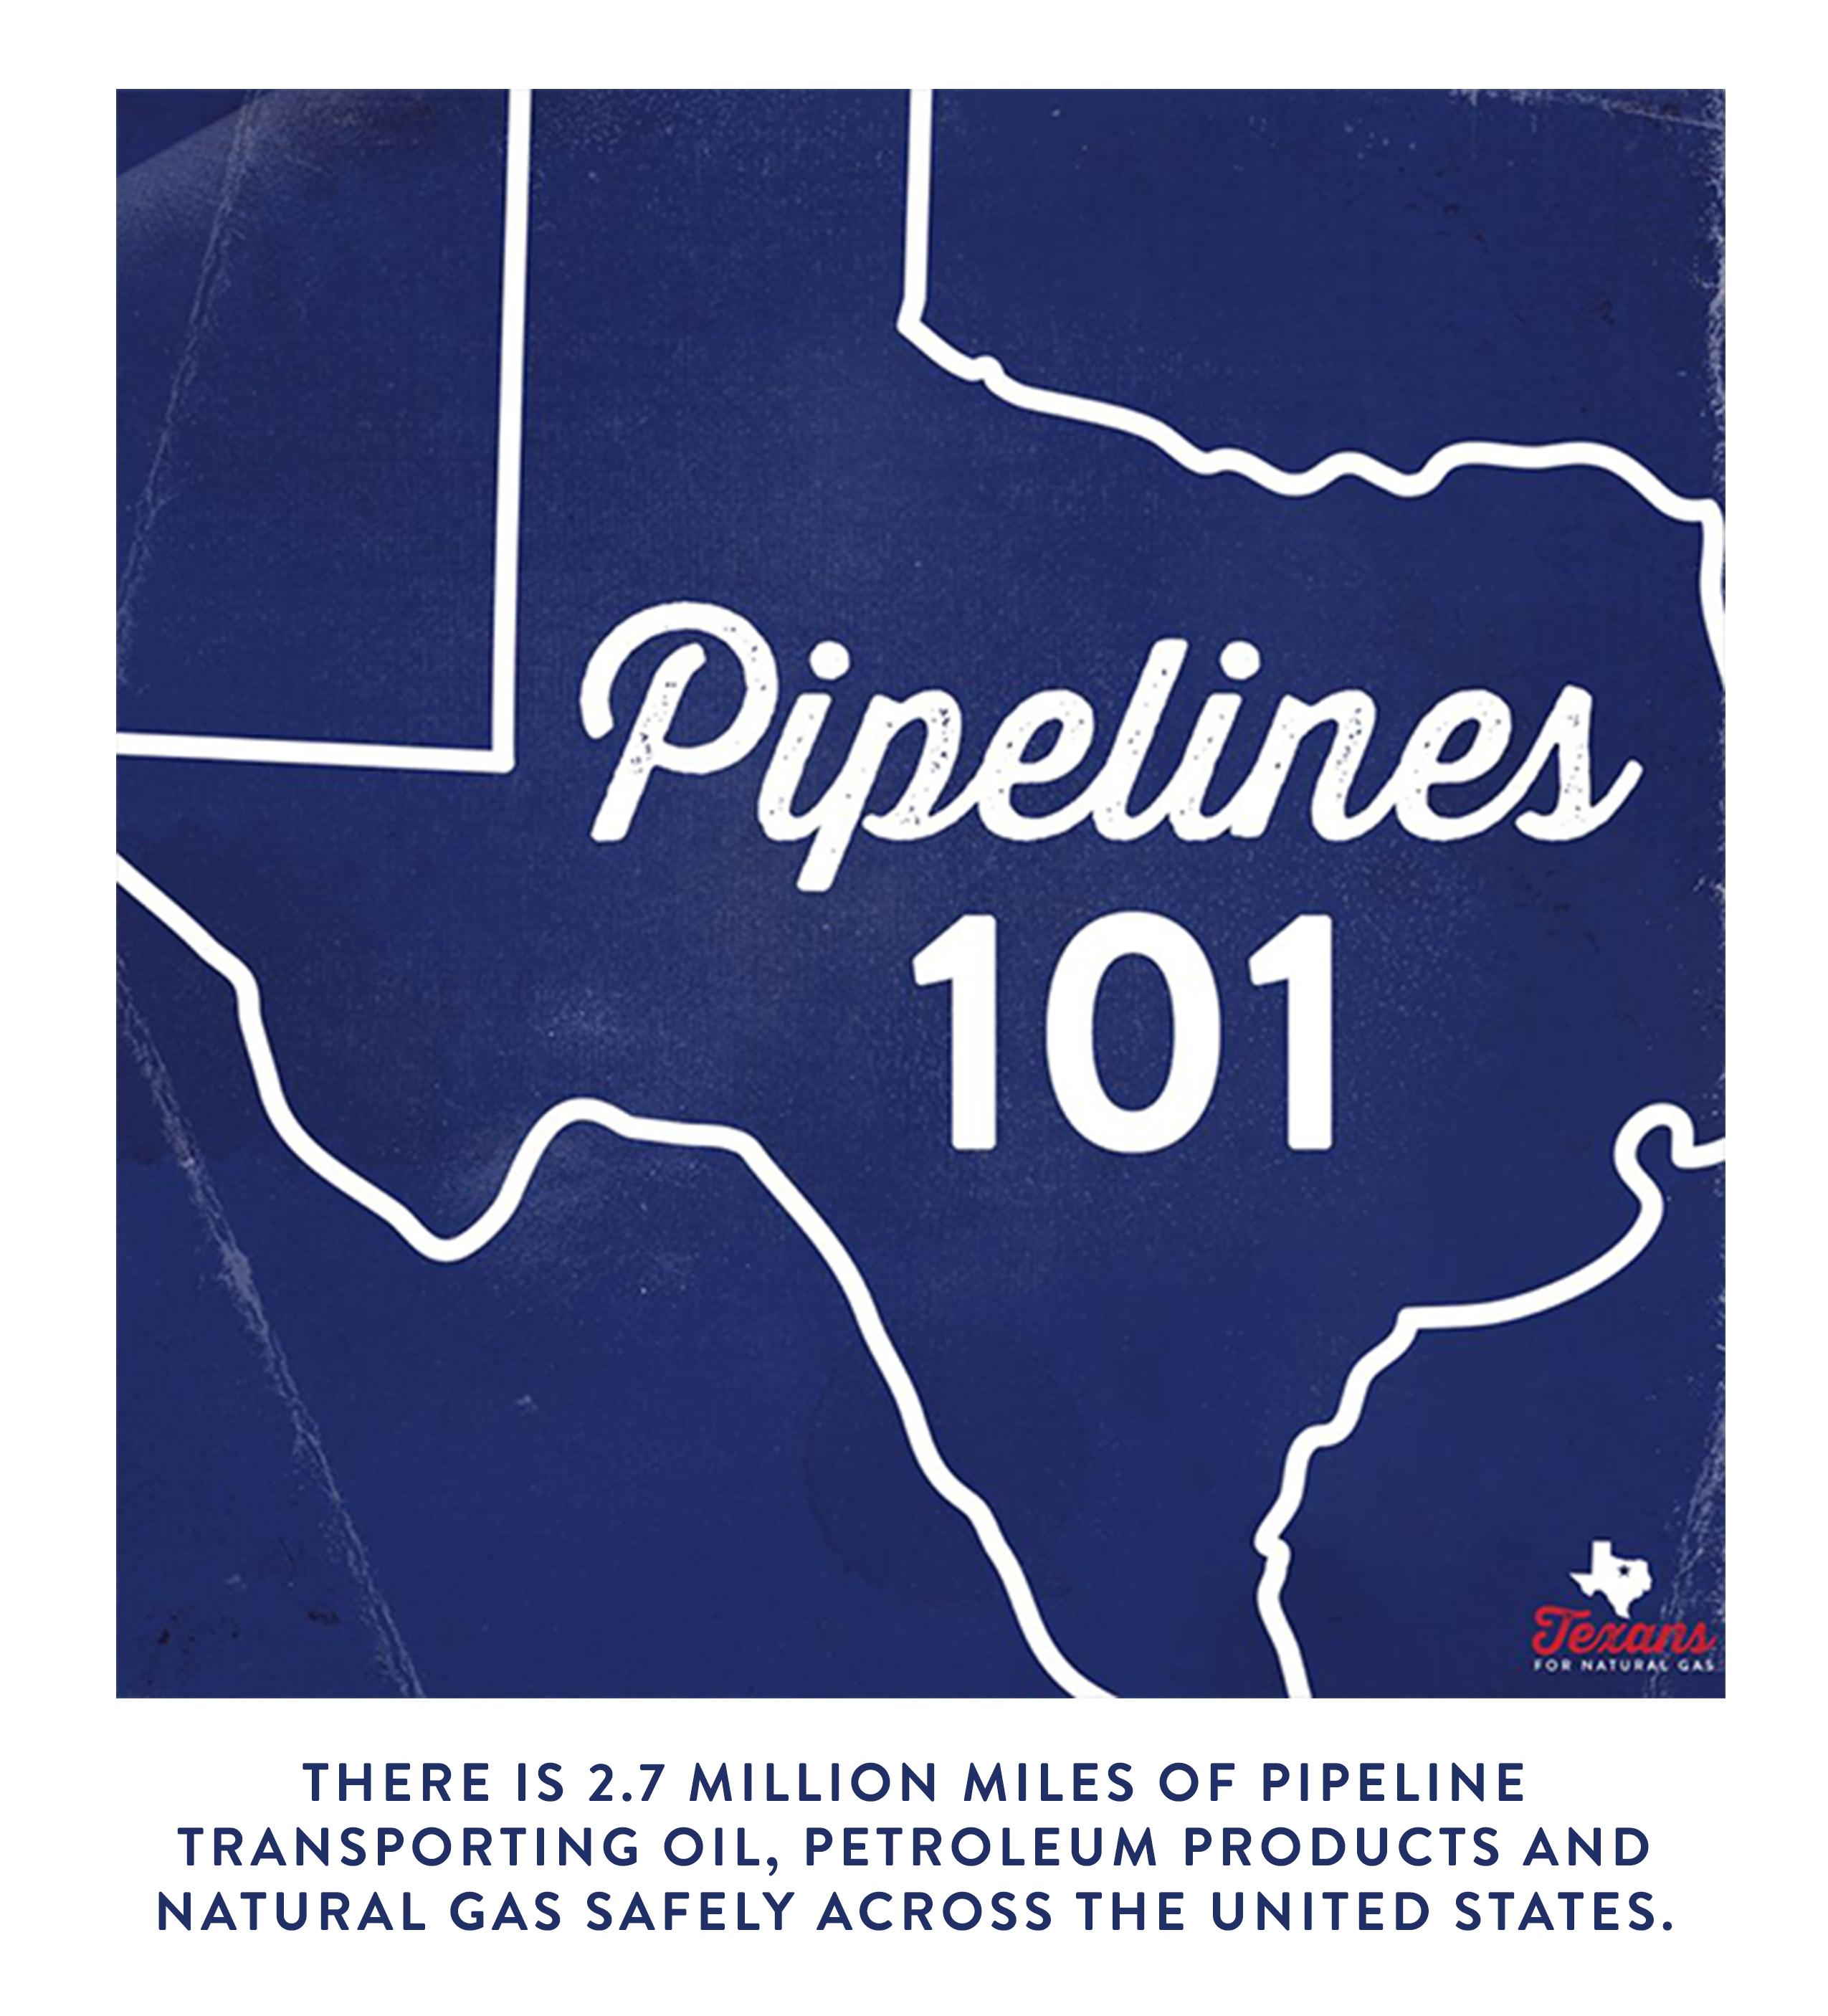 Pipelines 101